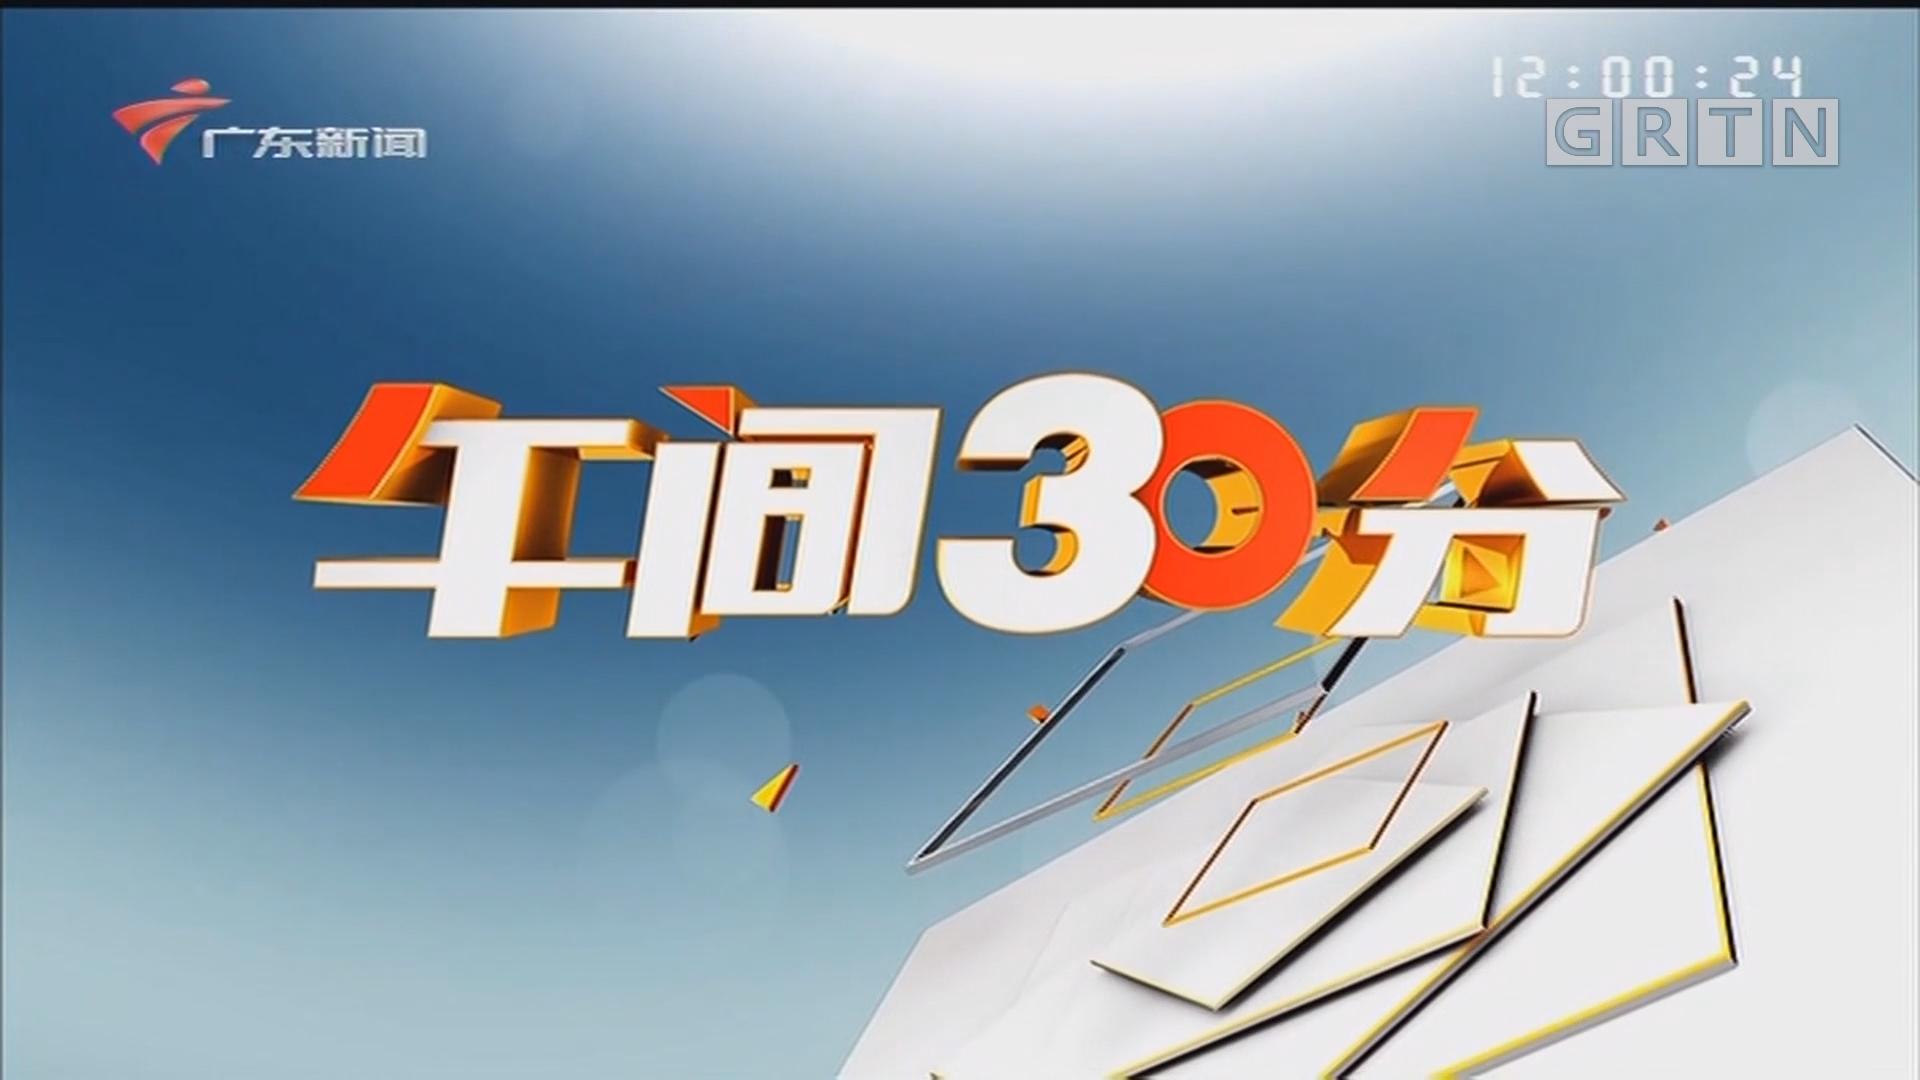 [HD][2020-05-14]午间30分:广龙高速转京港澳高速目前车流顺畅